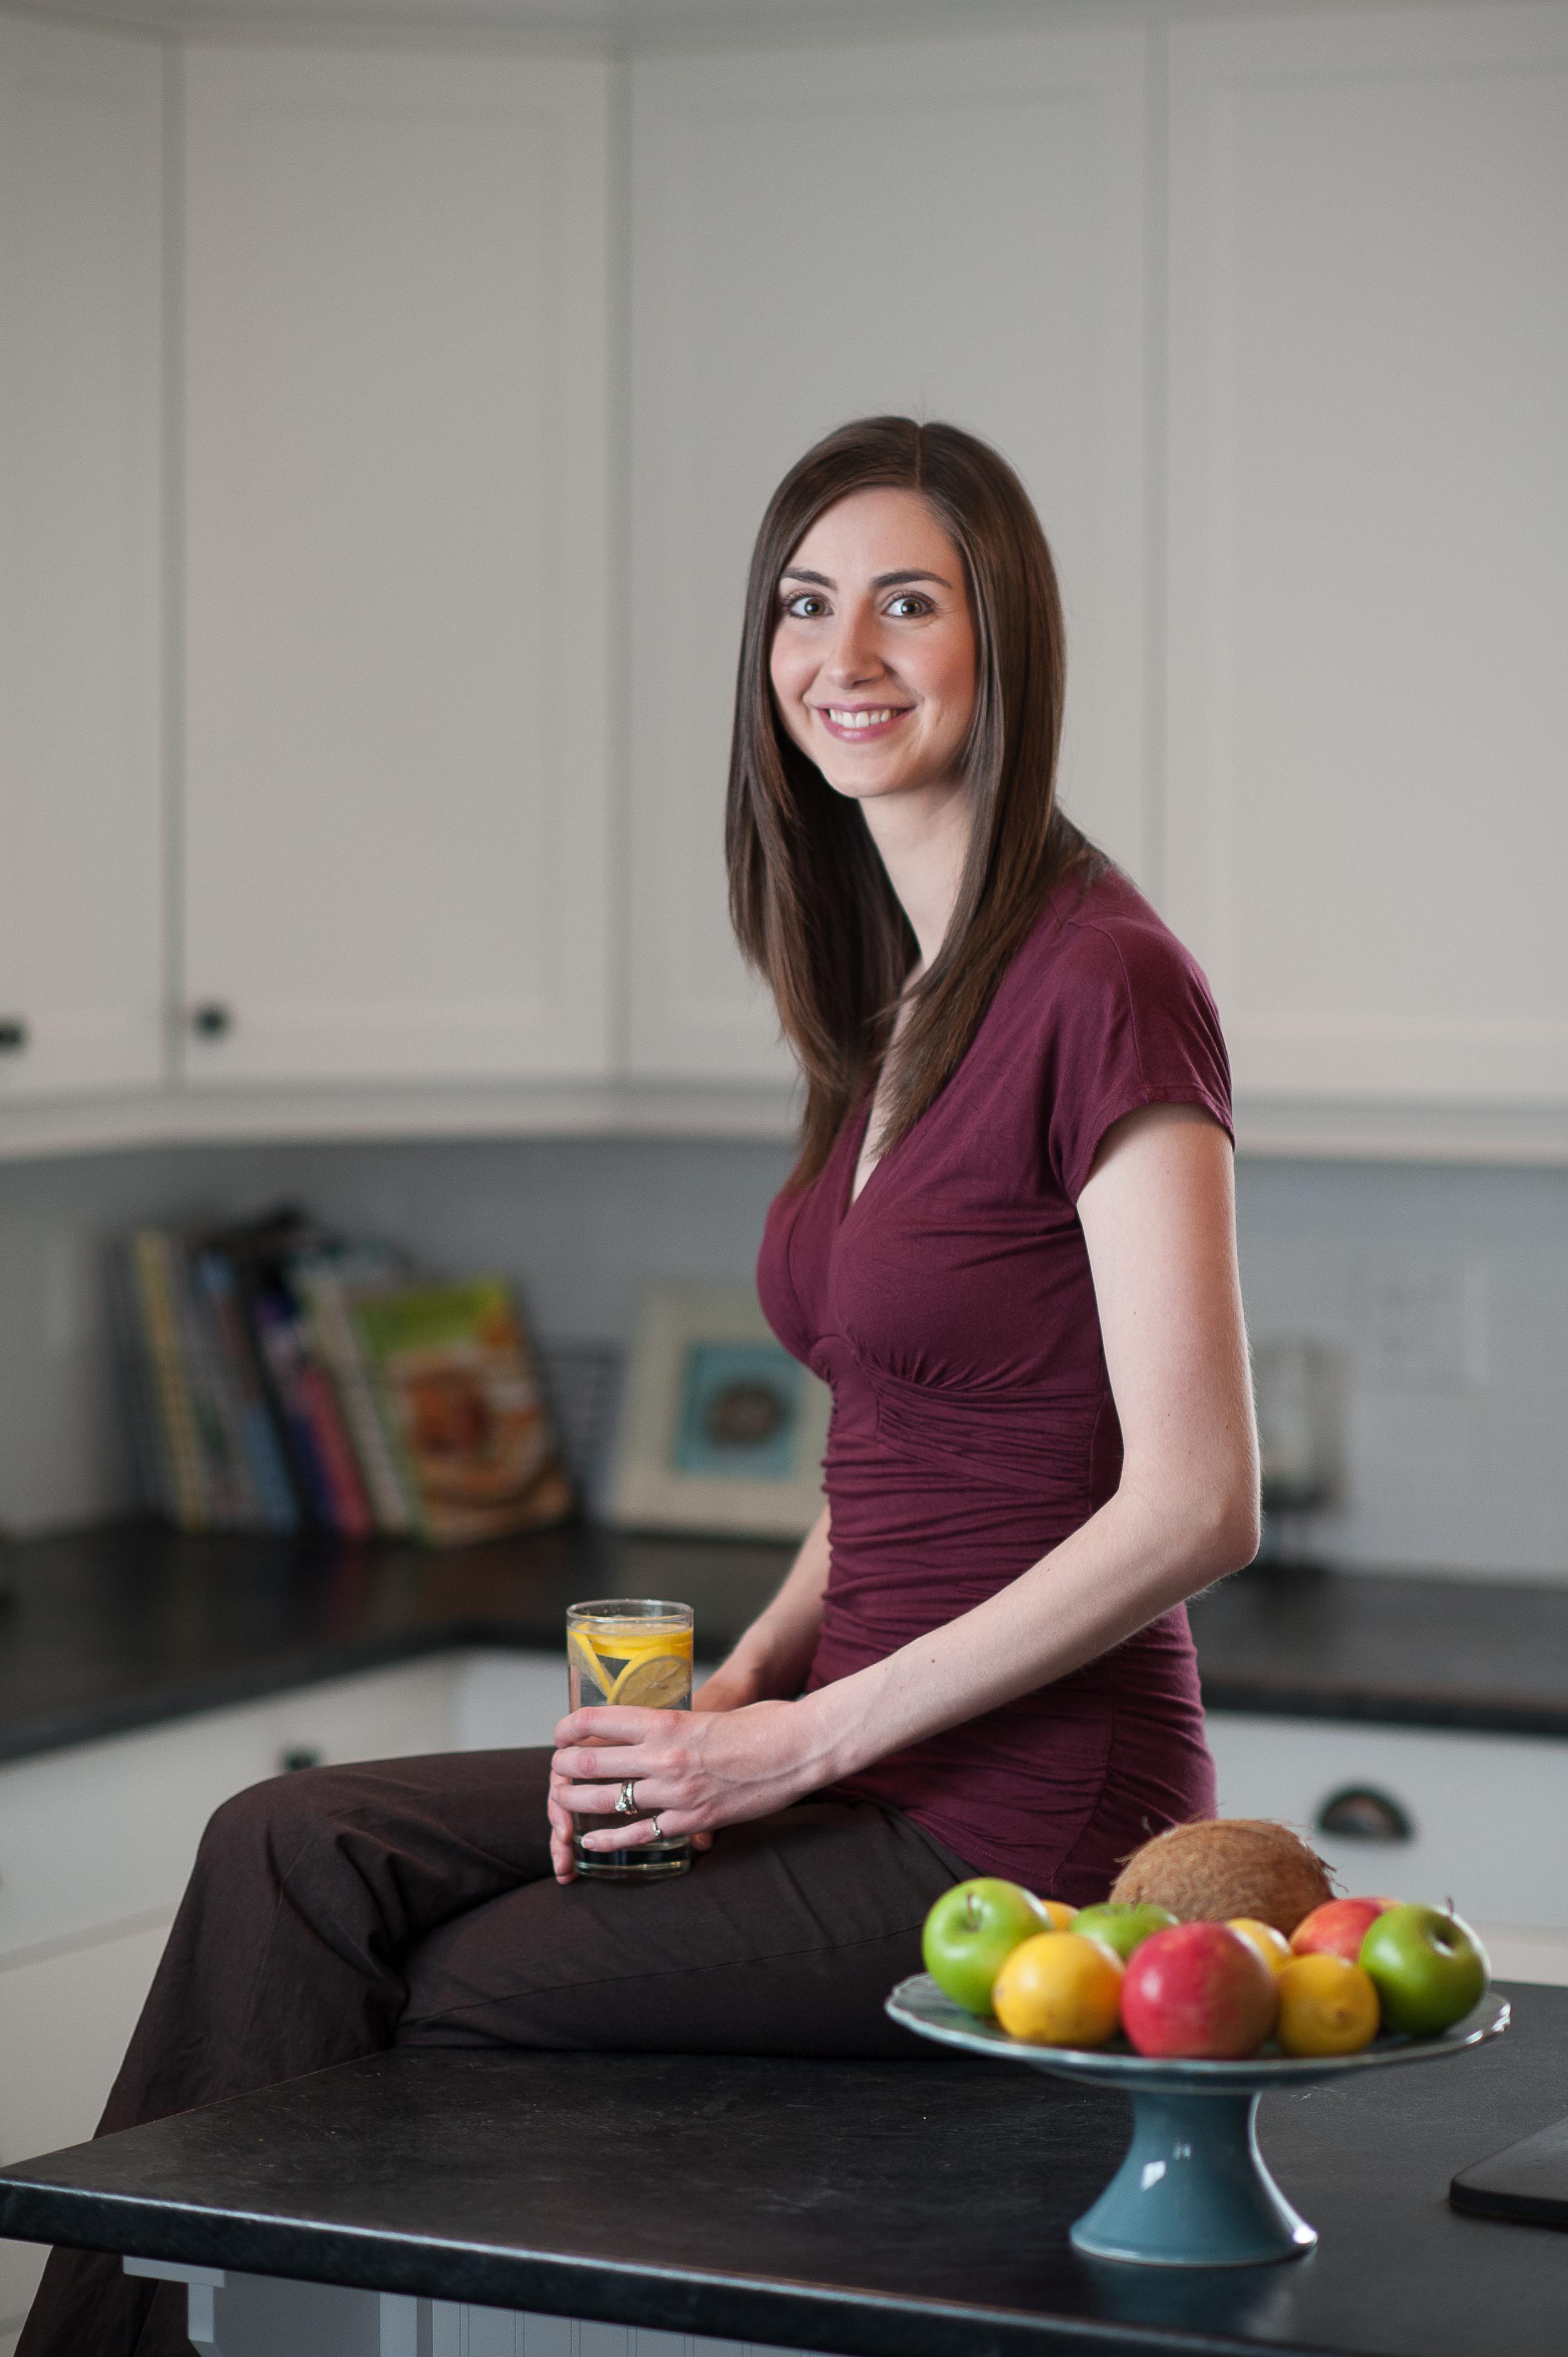 kitchener-commercial-photographer-001.jpg